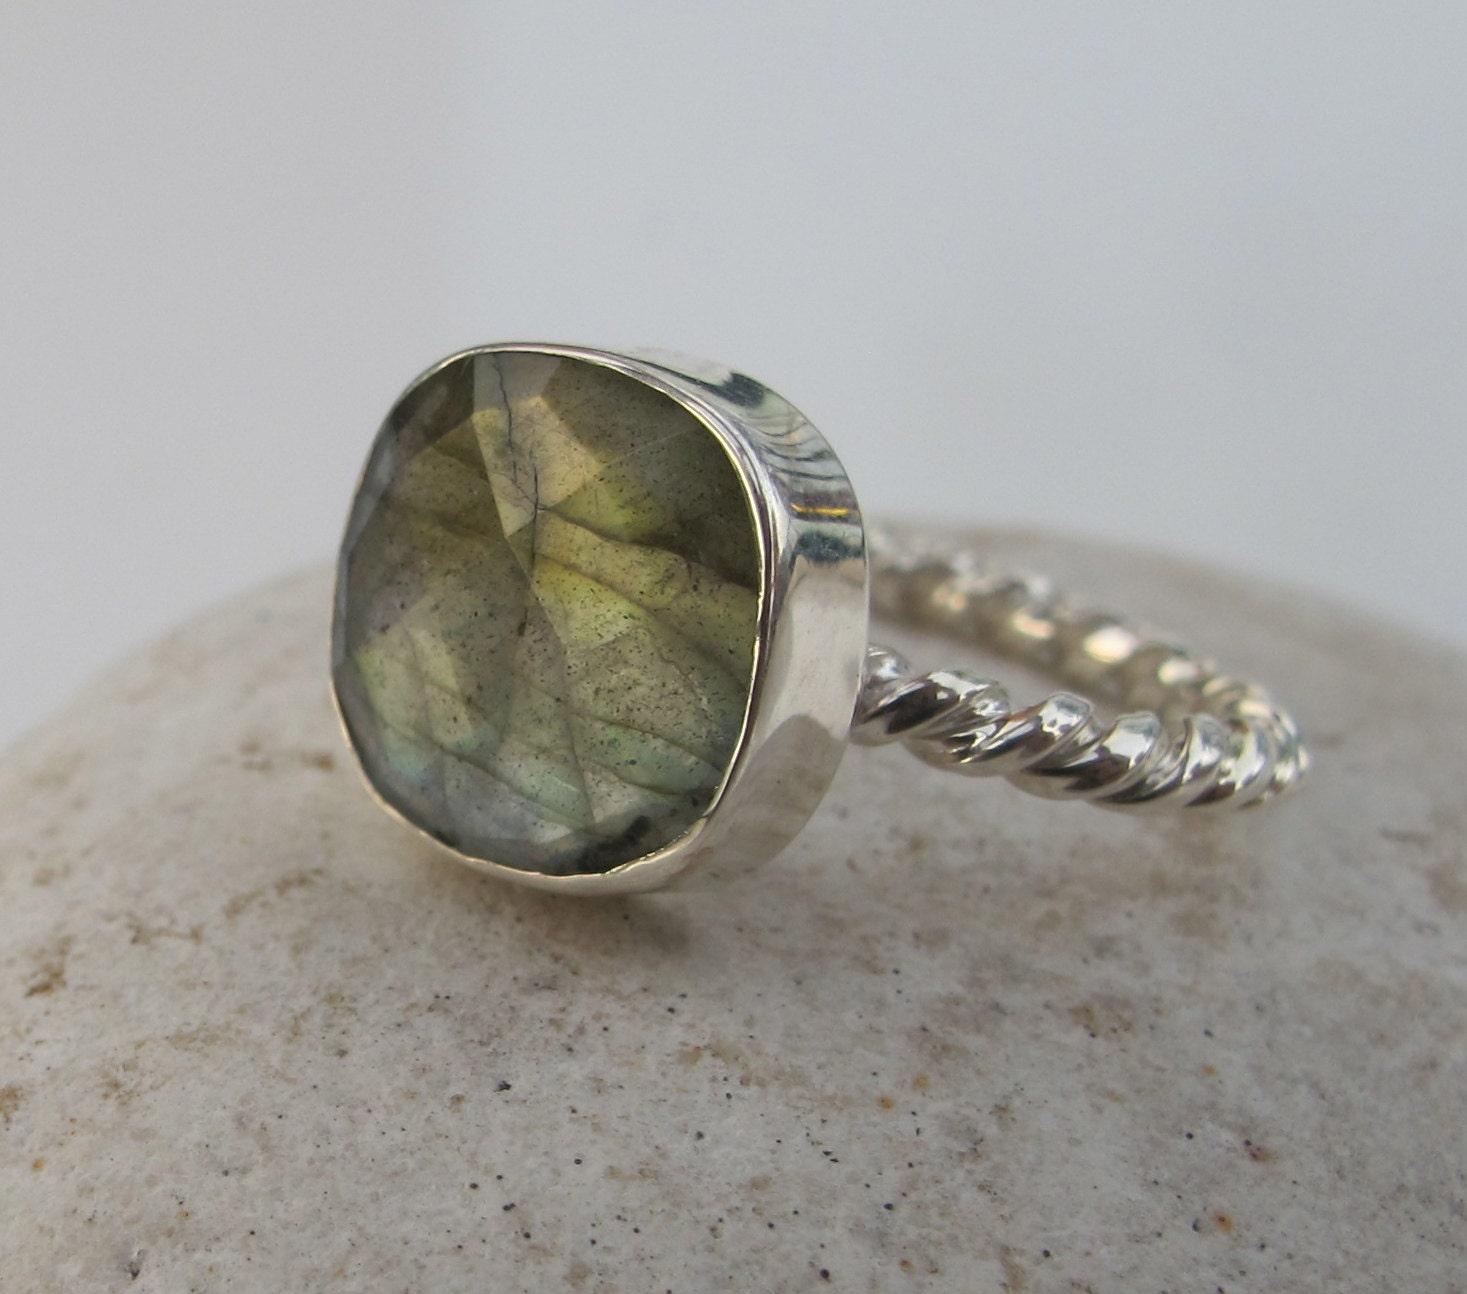 labradorite silver ring stack ring stack ring by belesas